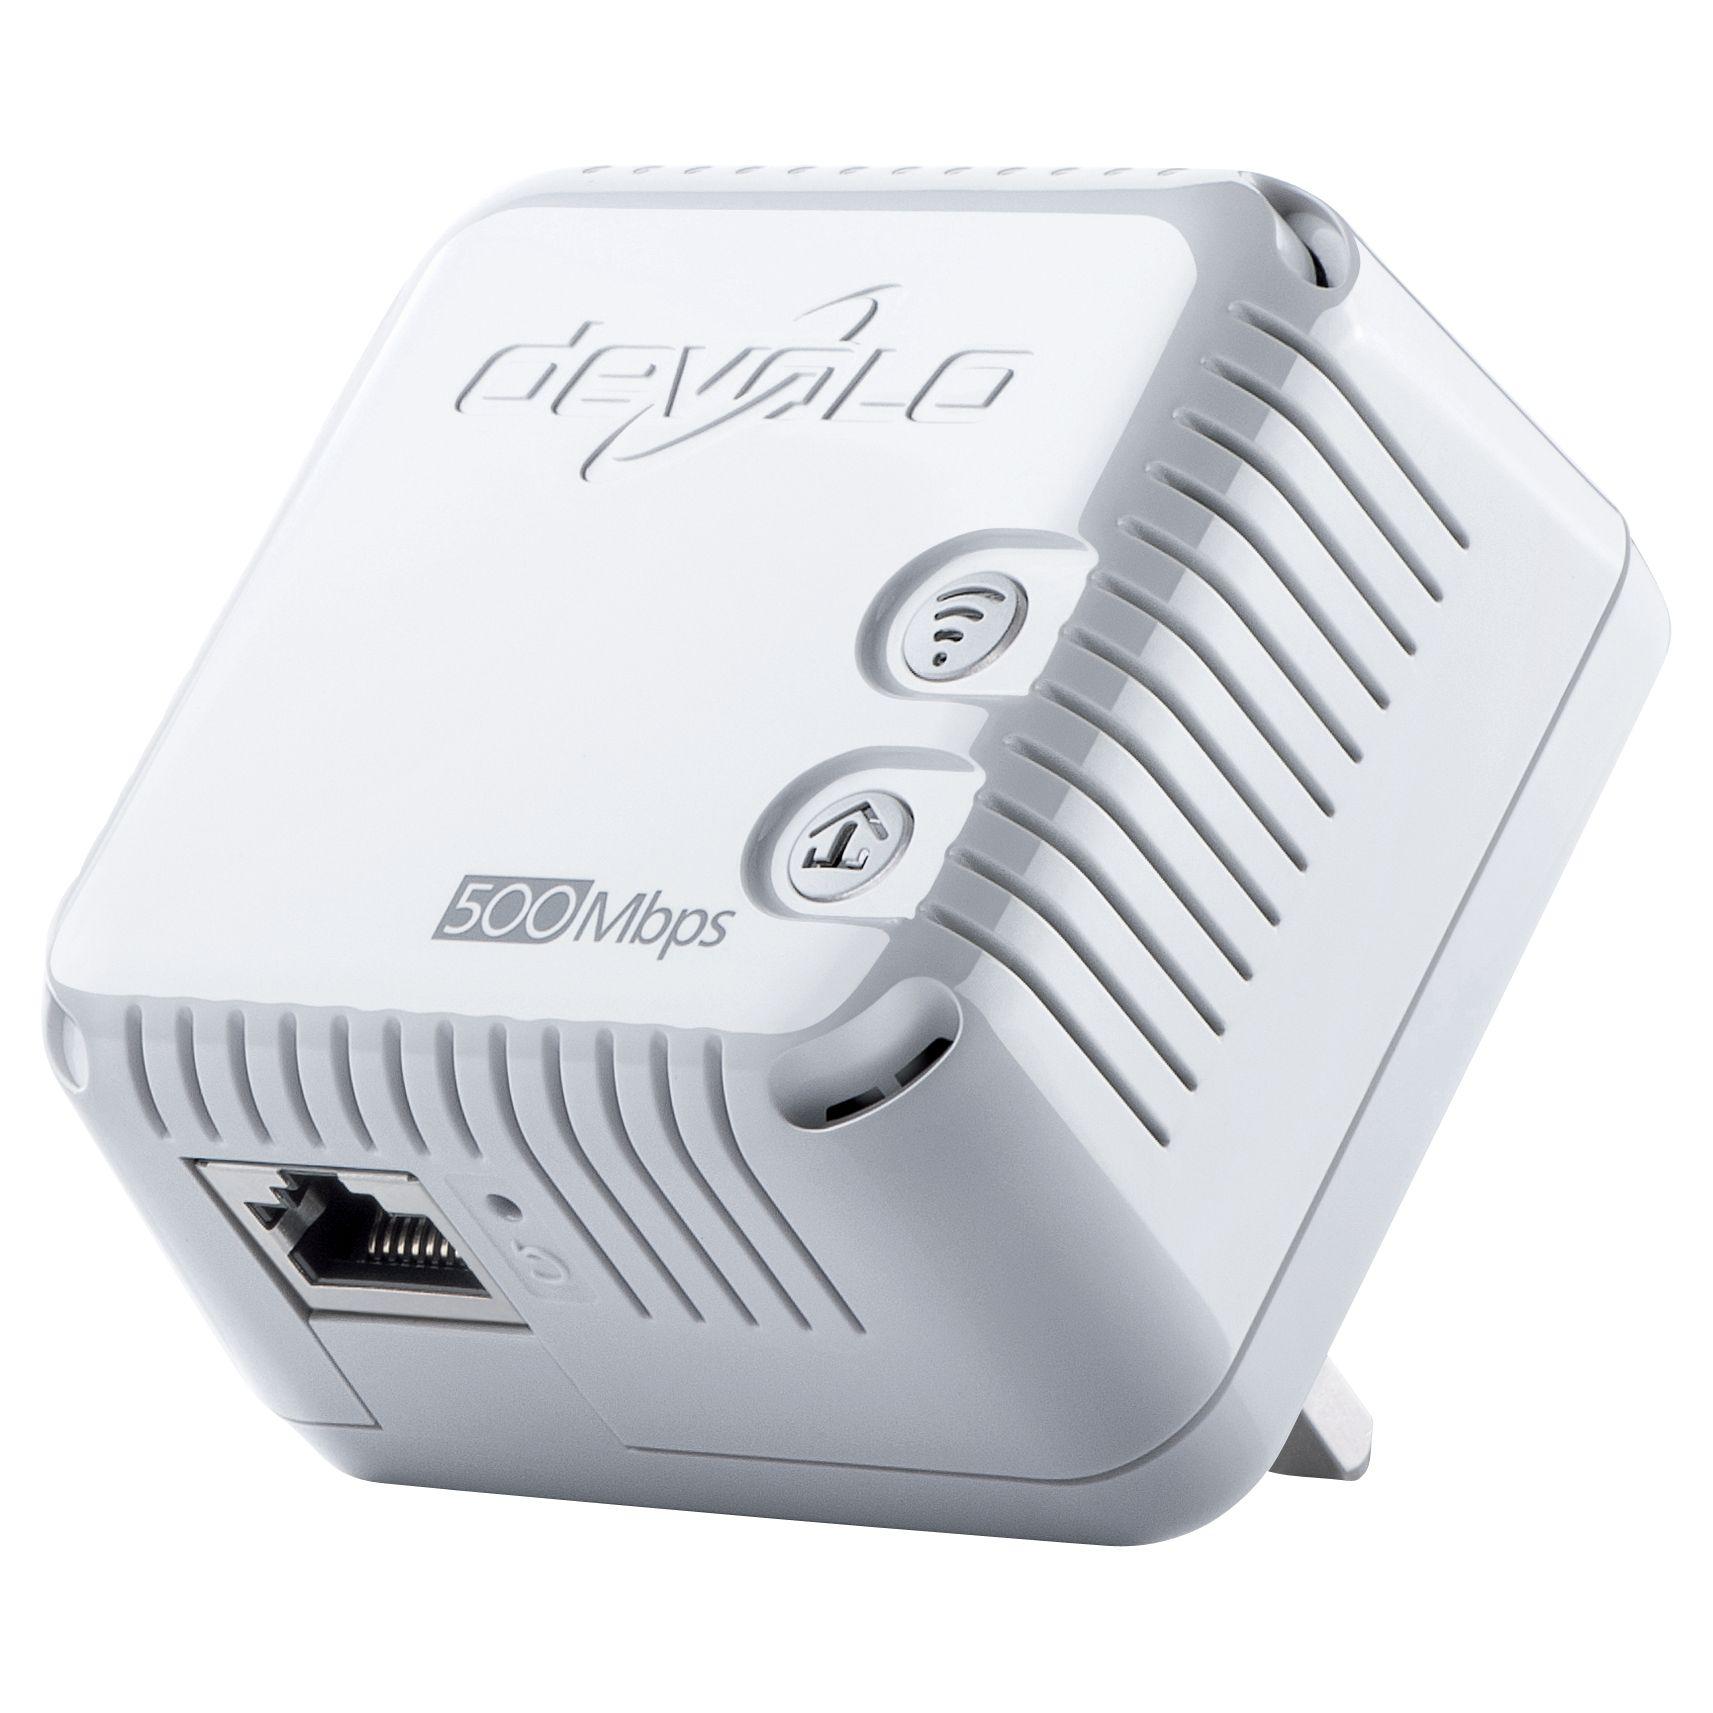 Devolo Devolo dLAN 500 Wi-Fi Powerline Single Adapter